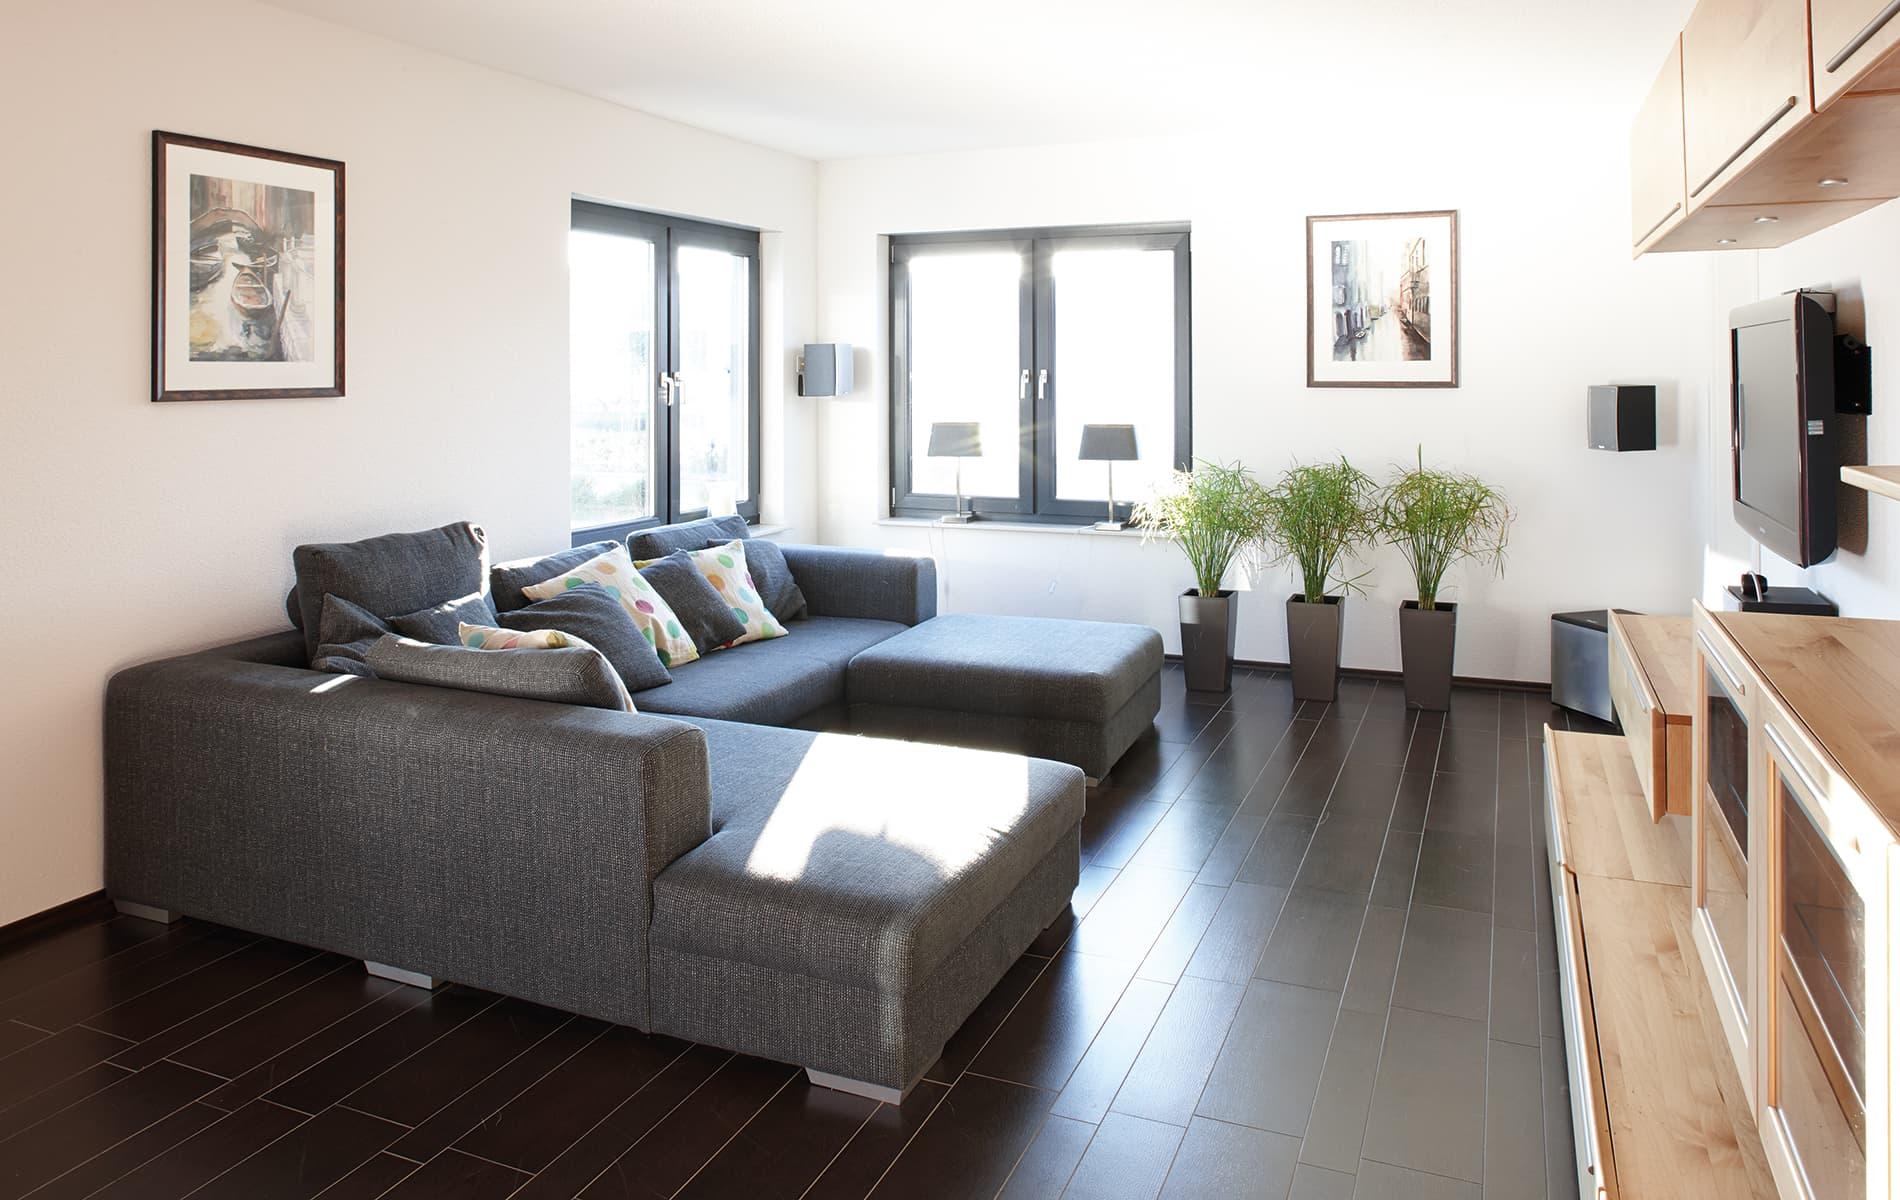 Architektur Trend - Wohnzimmer